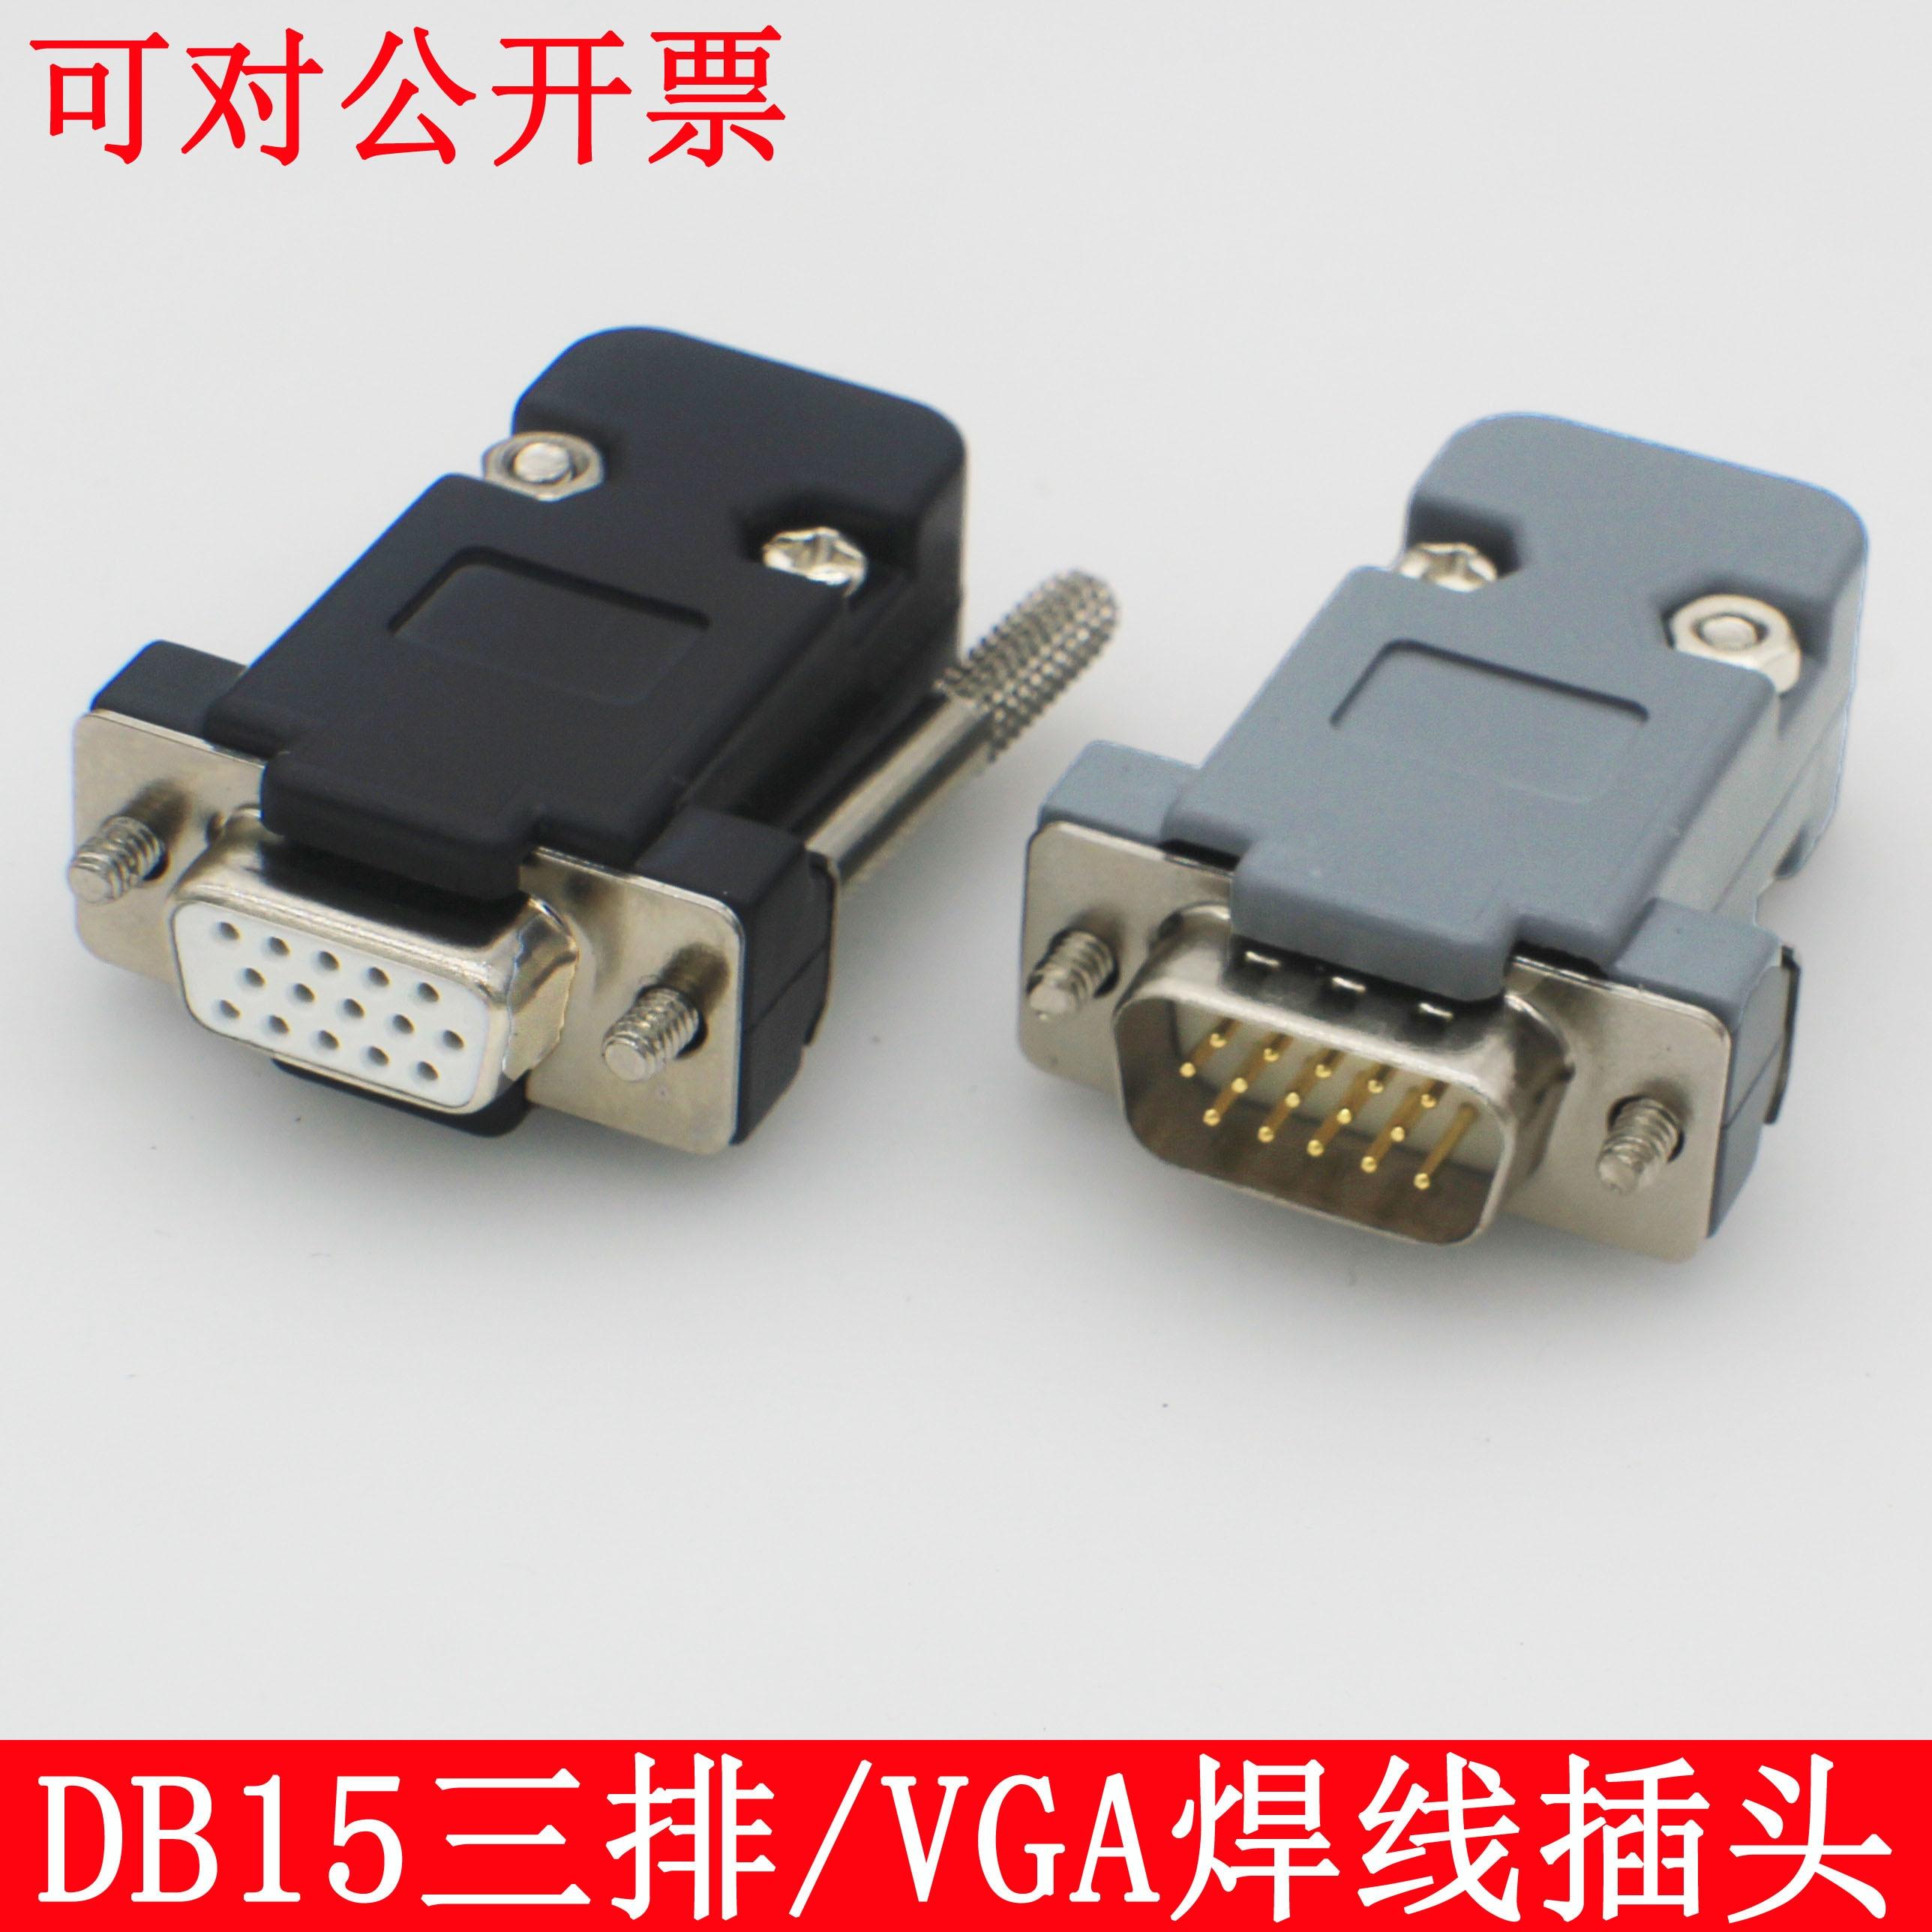 Чистая медь VGA сварное соединение/DB15 штыревой цоколь/hdb15 отверстие розетка/3 ряда застежек на 15 контактный разъем/компьютер видео интерфейс